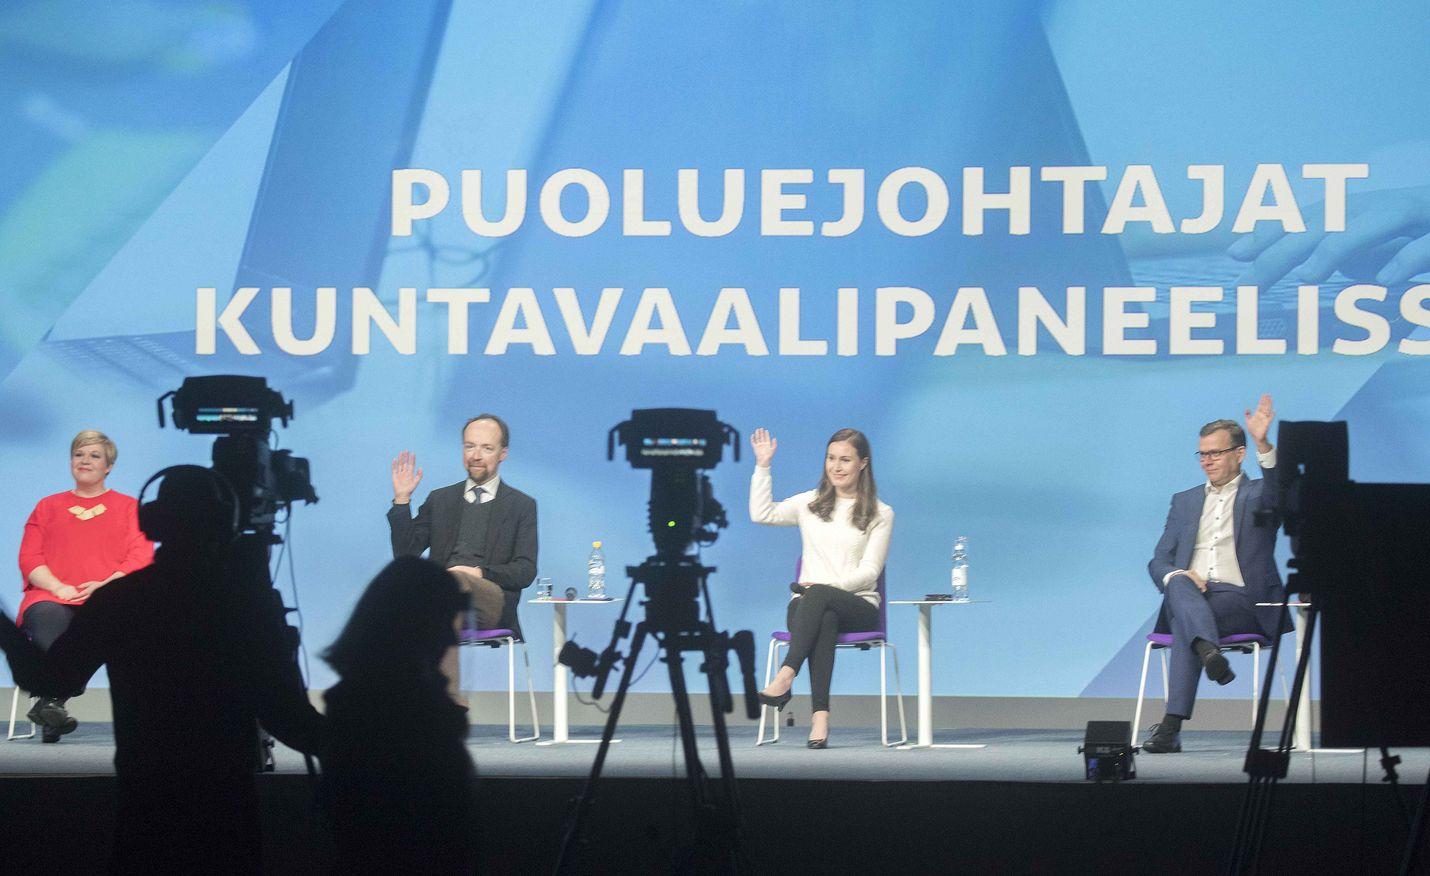 Puoluejohtajat kohtasivat koulutuskeskustelussa Helsingissä lauantaina. Turvavälit pitävät Annika Saarikon, Jussi Halla-ahon, Sanna Marinin ja Petteri Orpon tarpeellisen etäällä toisistaan.